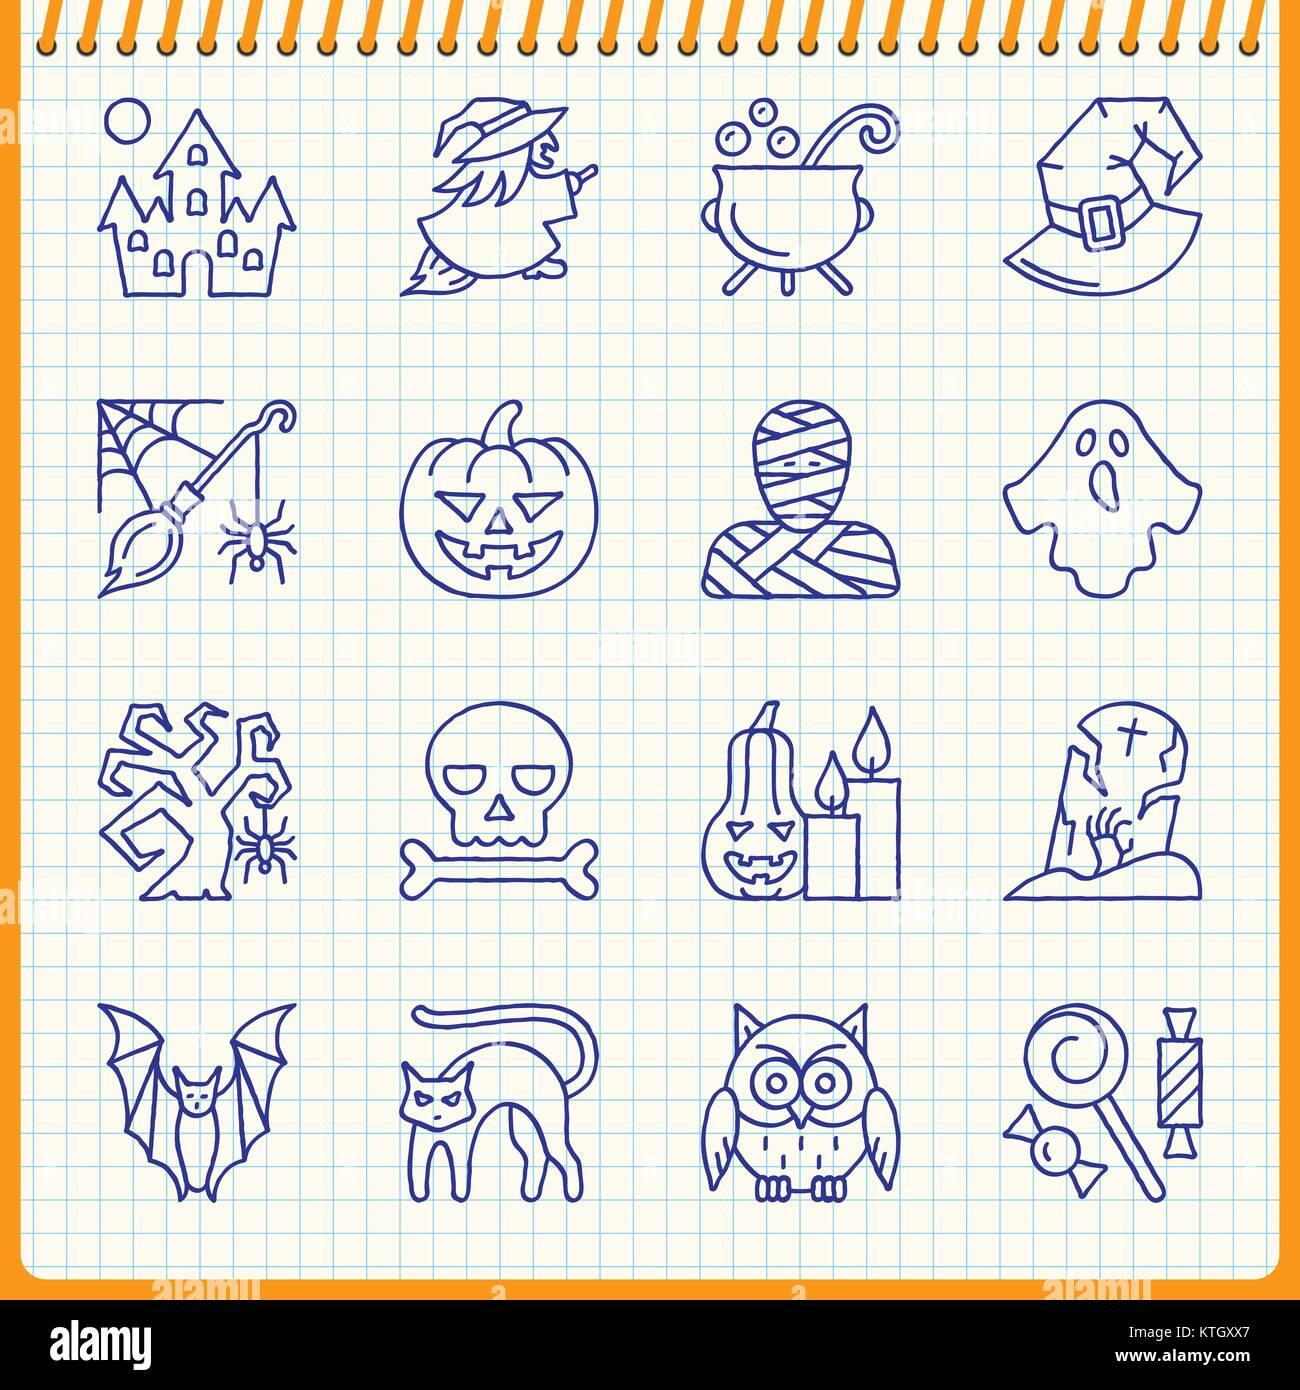 L'icône de la ligne d'Halloween ensemble. Effet de plume manuscrite sur fond à carreaux. Vector illustration style Illustration de Vecteur